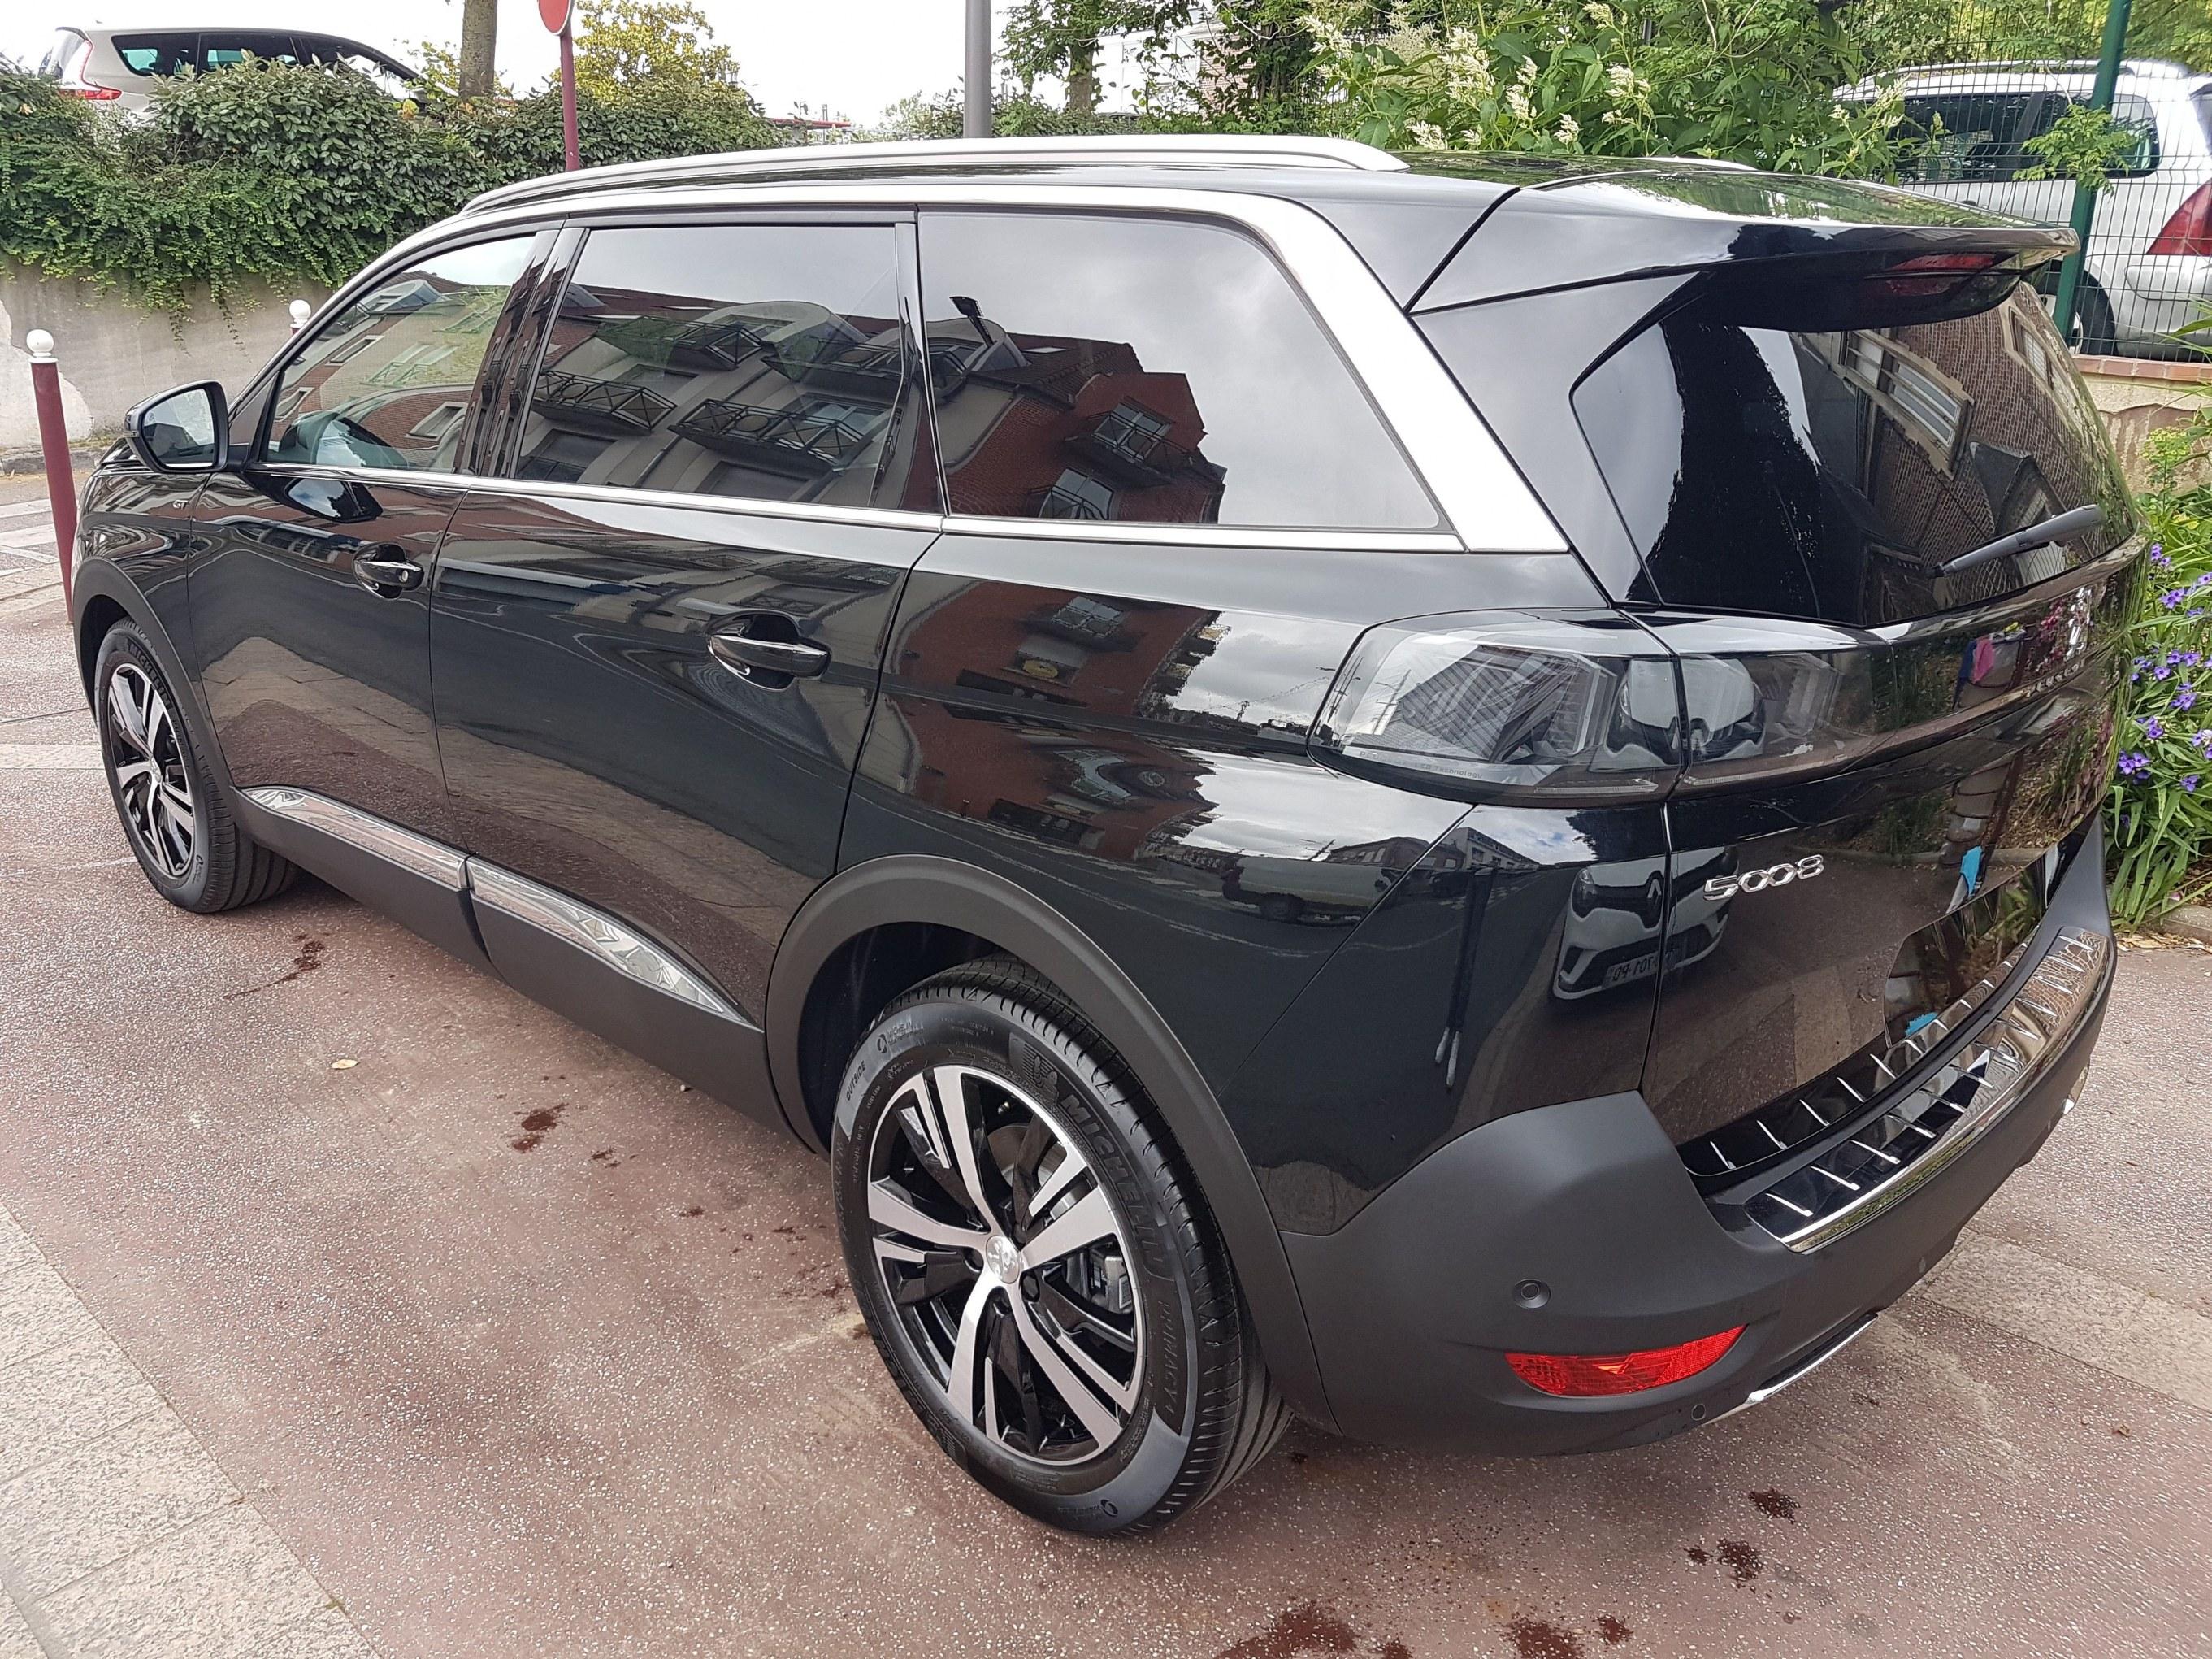 Mandataire auto Beauvais Peugeot 5008 Gt 1.5 Bluehdi 130cv Eat8 2